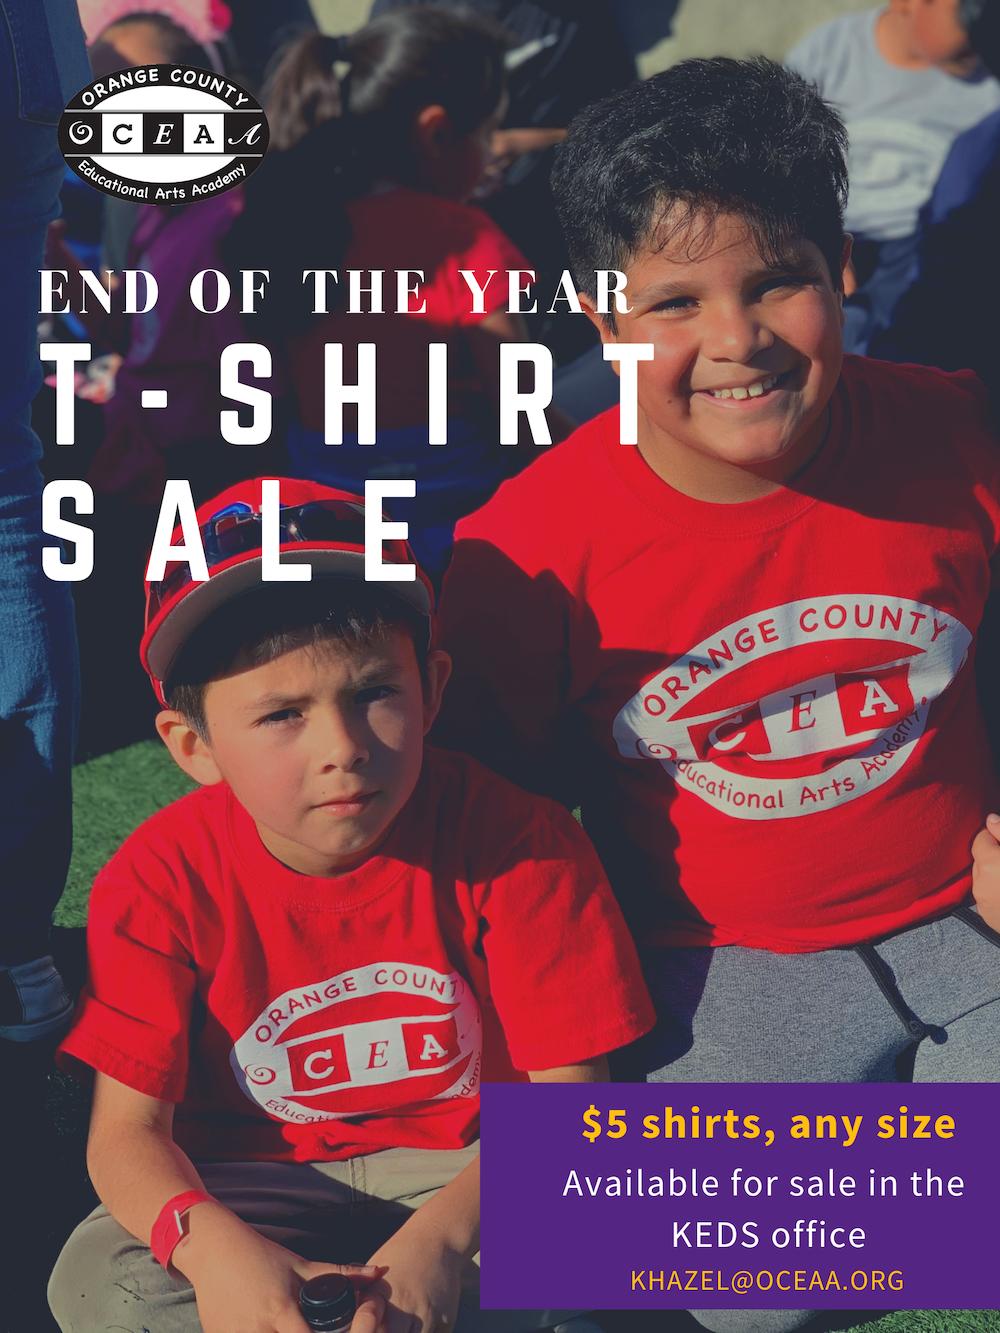 T-shirt sale - OCEAA.org